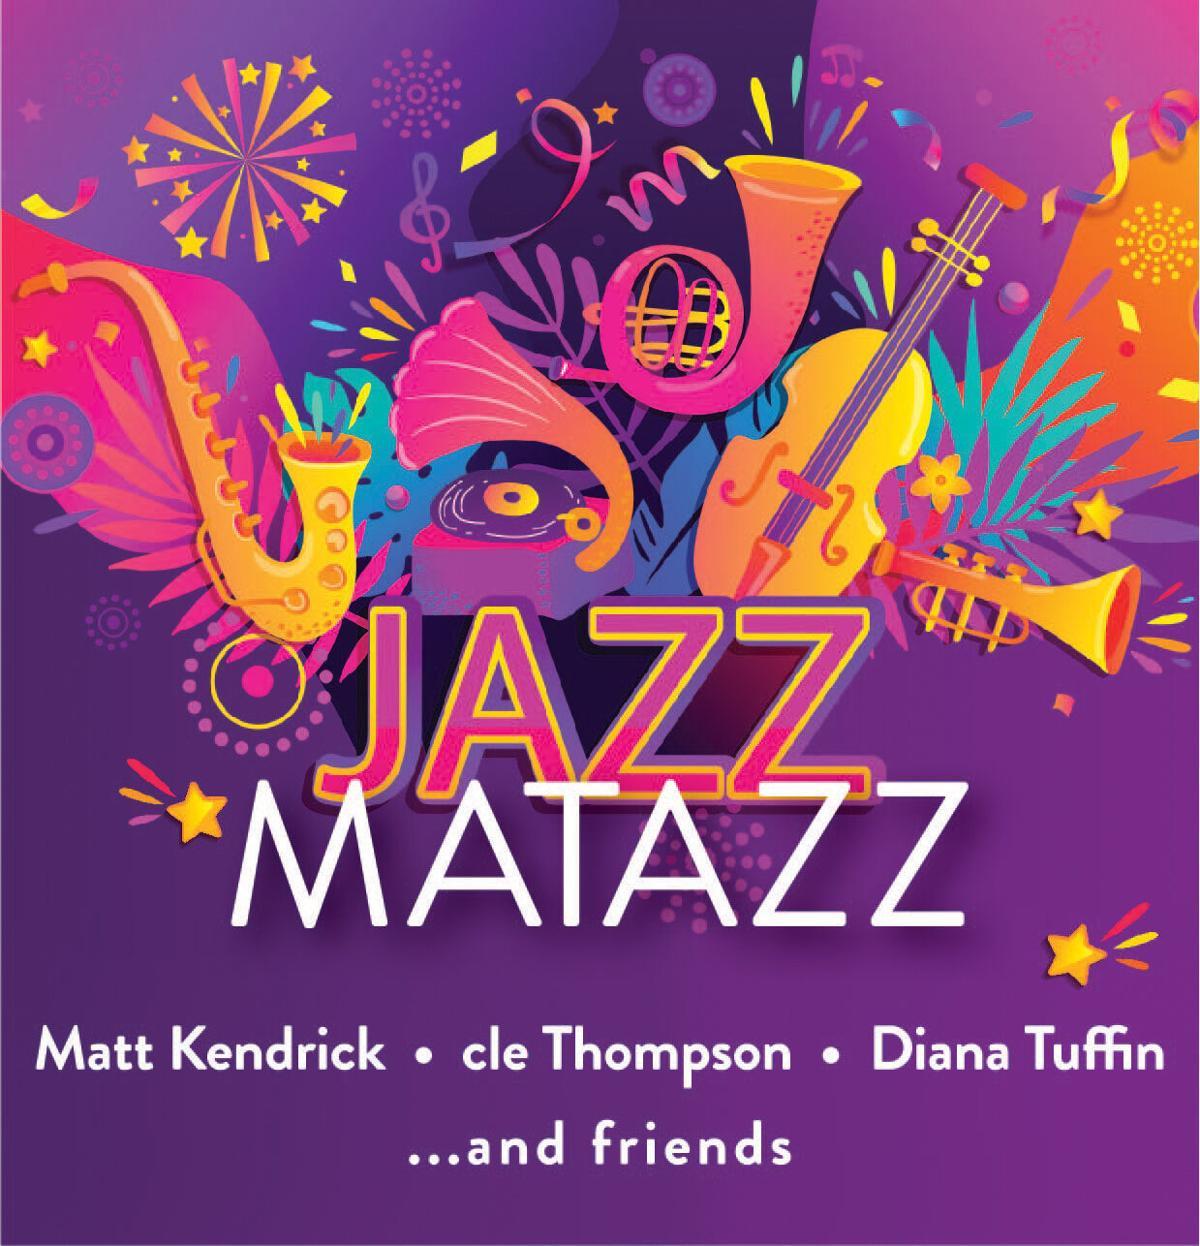 Jazzmatazz logo_4.125x4.285